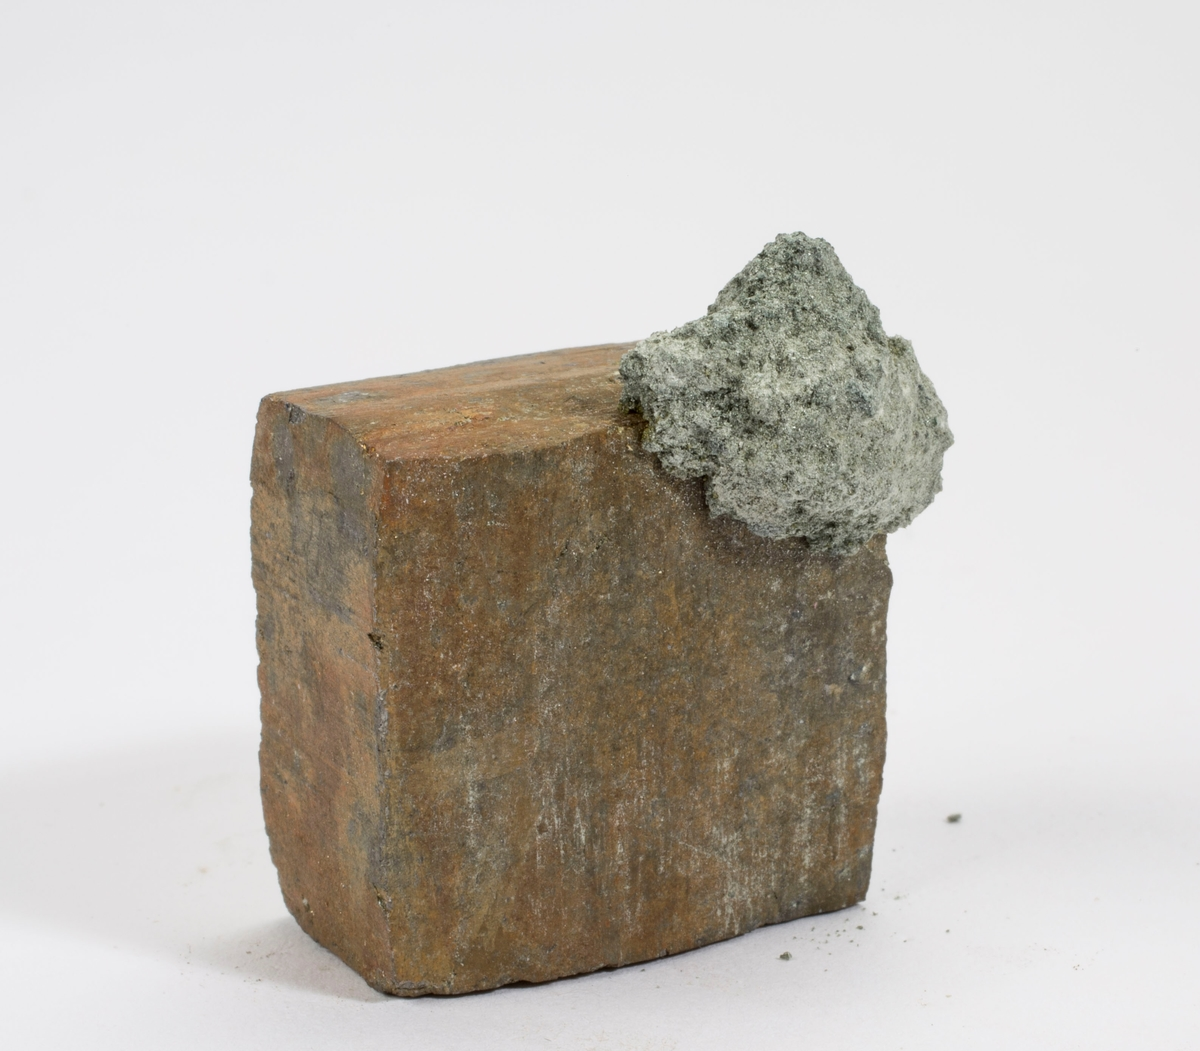 Pyritt xl, singel, flat kube, tidligere antatt å være gersdorffitt.